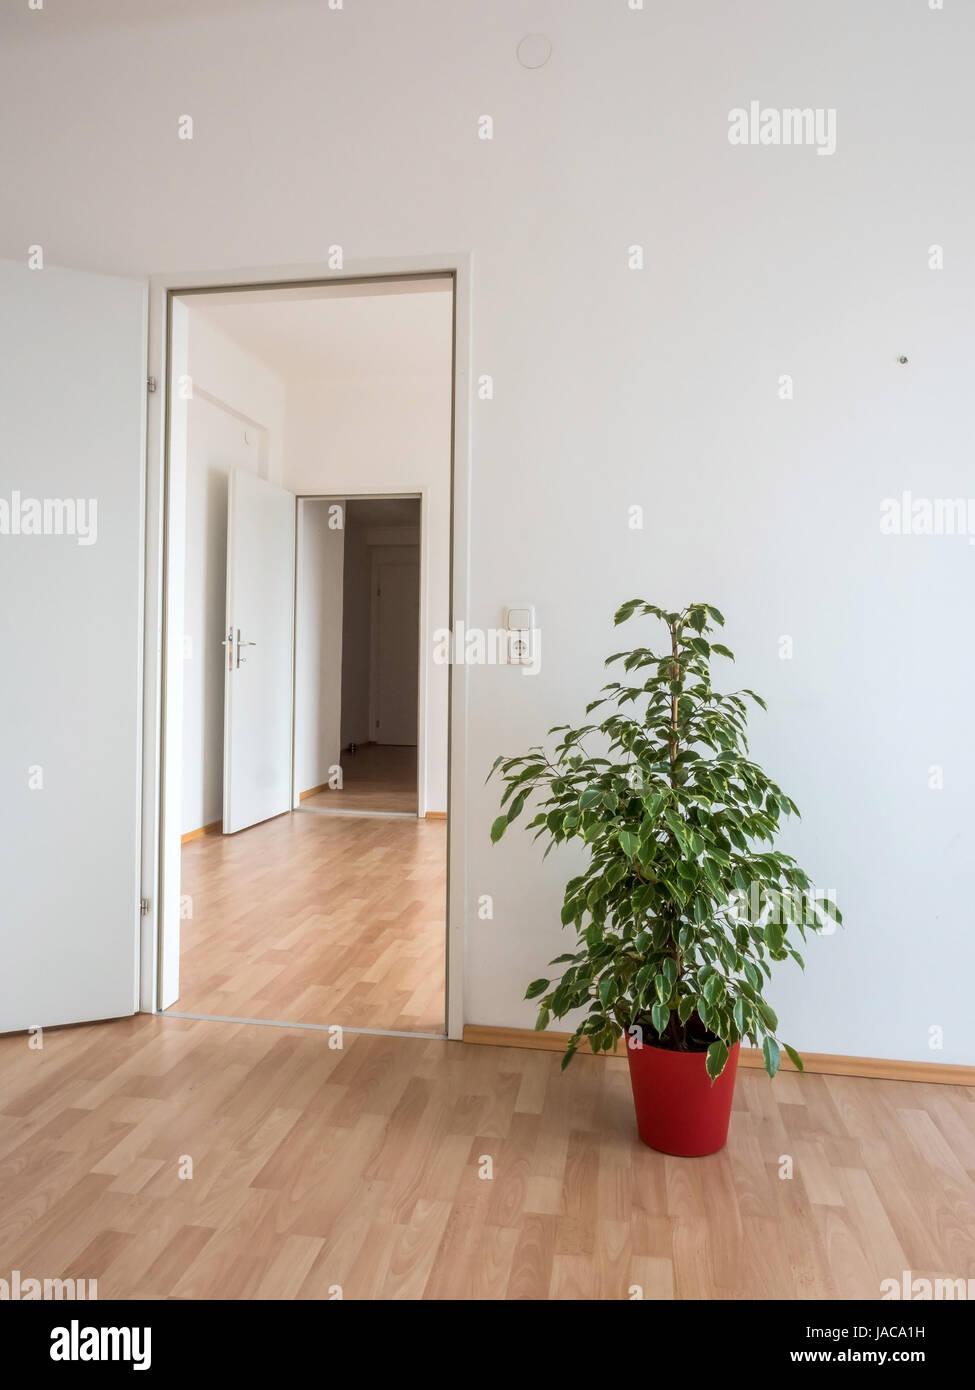 Neue Wohnung Wurde In Eine Blühende Topfpflanze Aussehen Verbessert.  Symbolische Foto Für Umzug,? Bersiedlung. Kein Geld Für Möbel Wegen Hohen